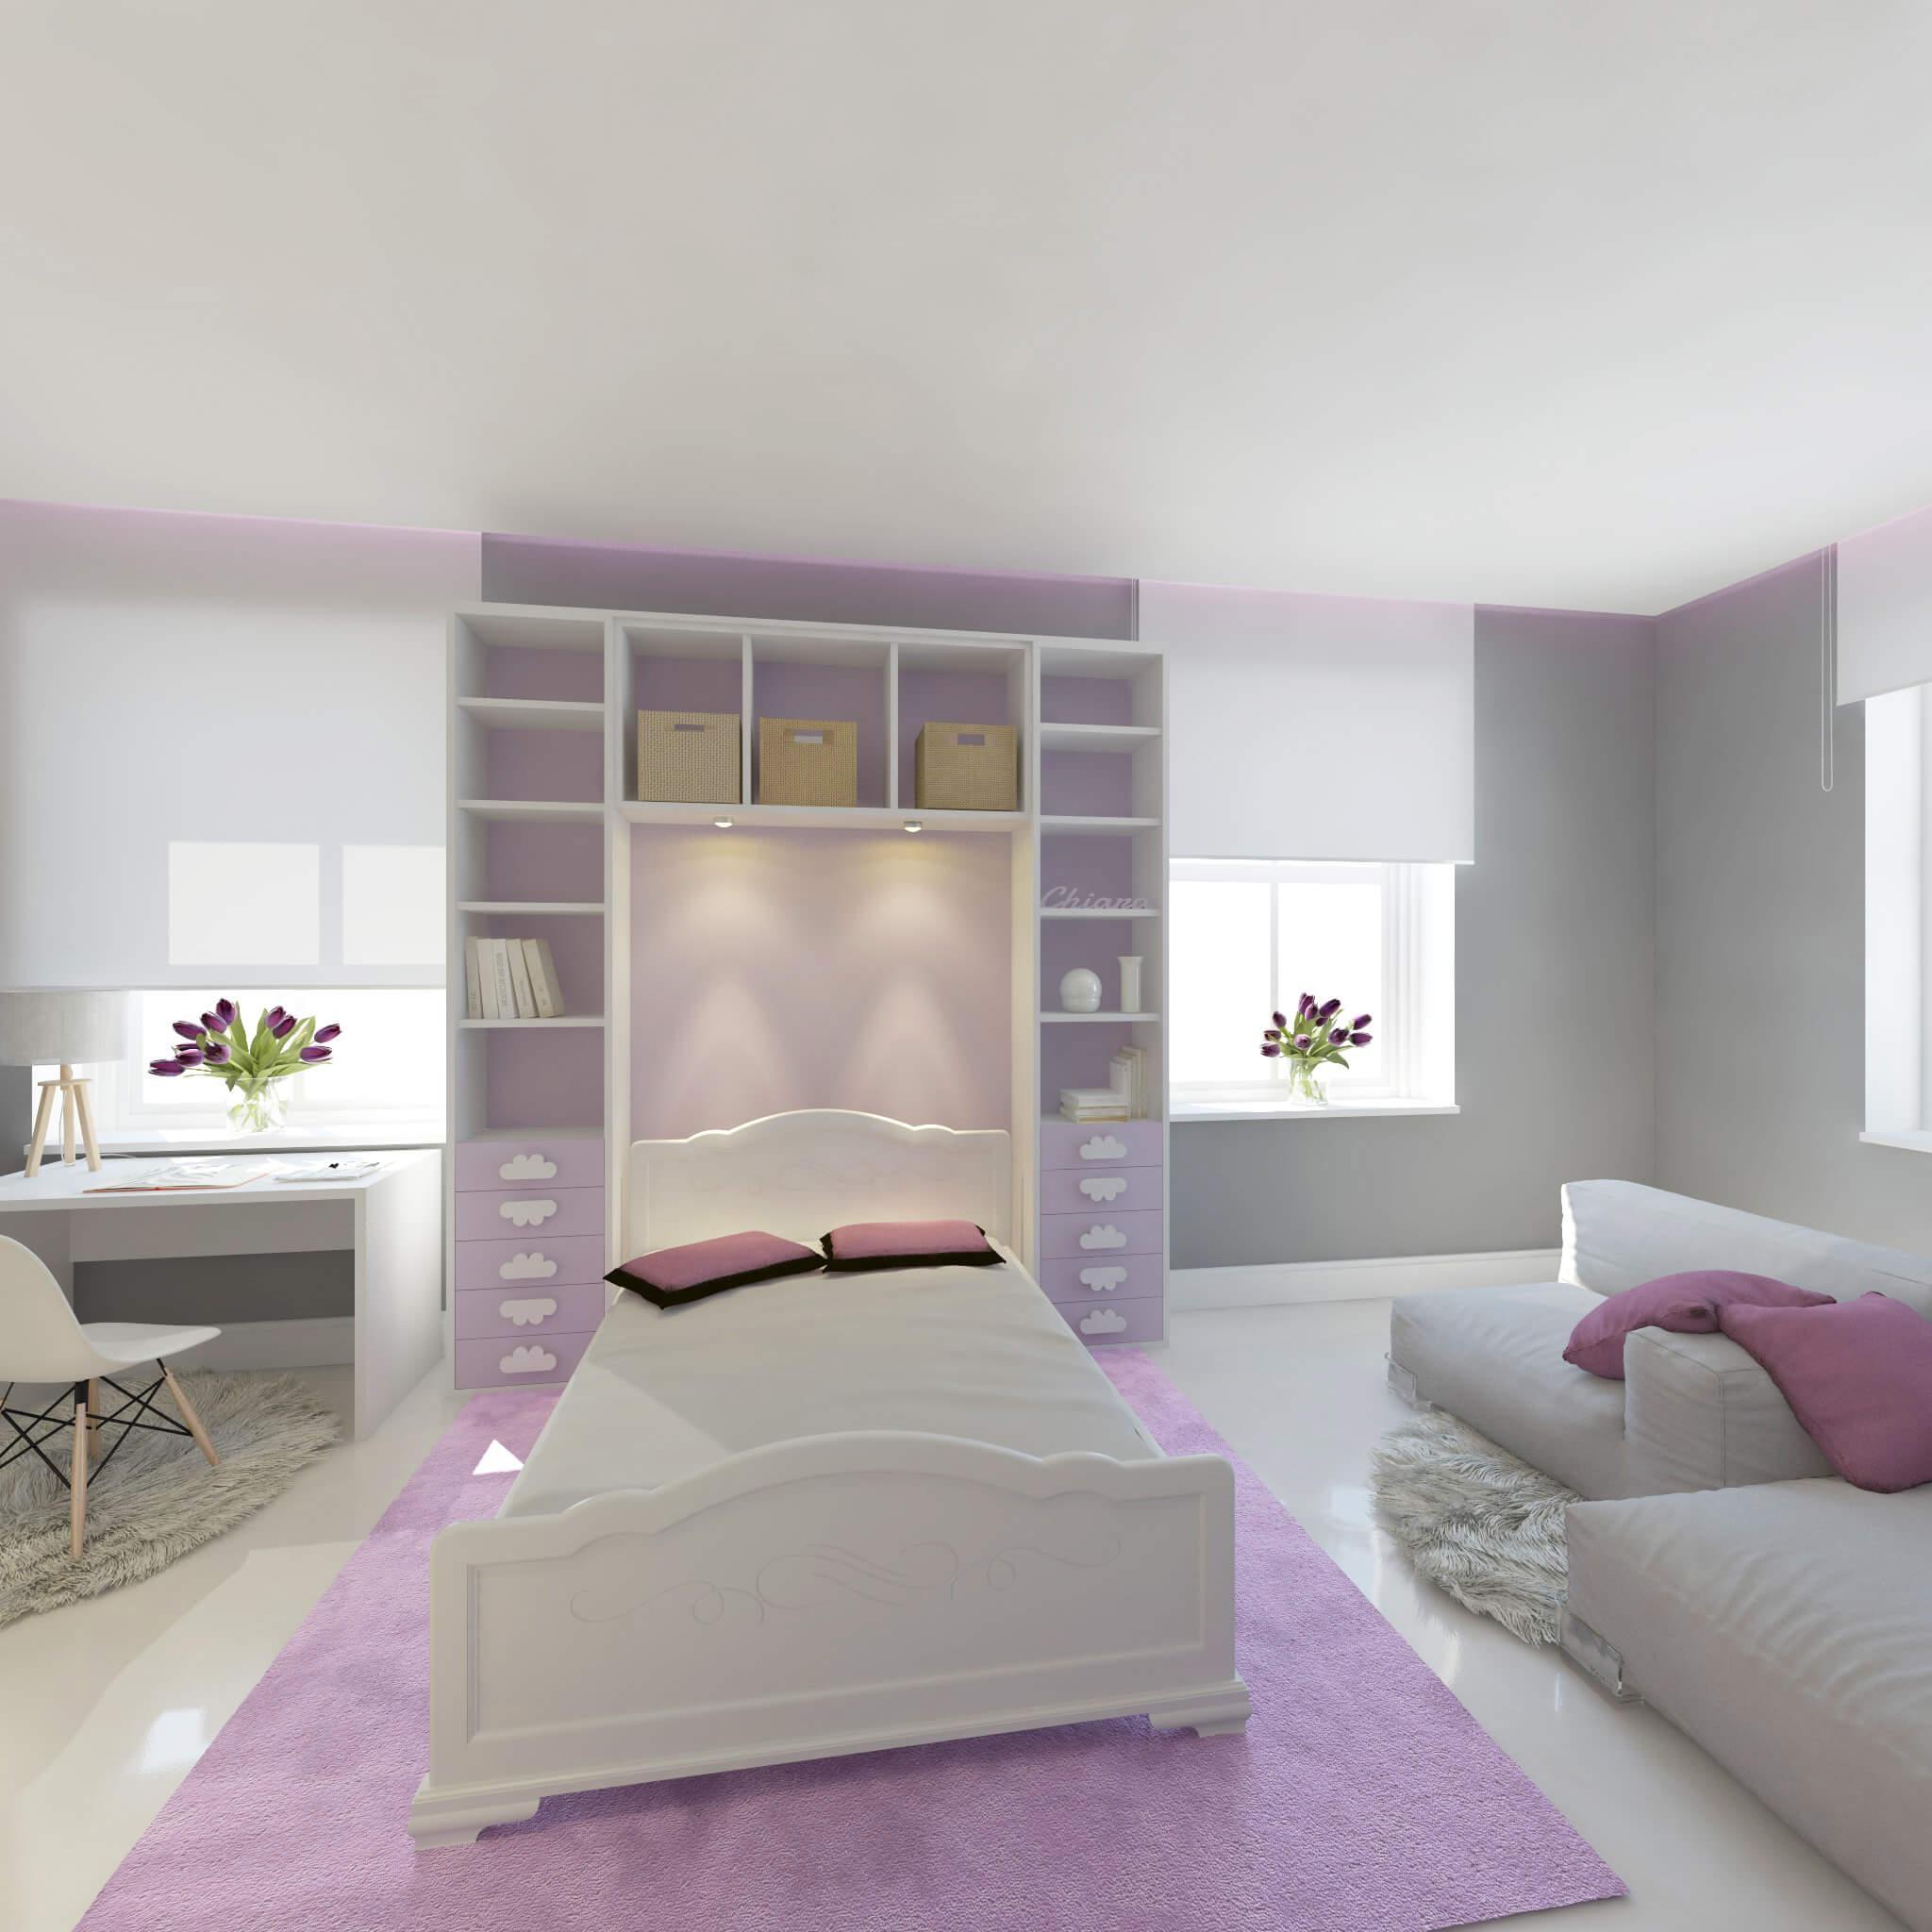 Moderne Schlafzimmer - Elegant und komfortabel | Torsten Müller